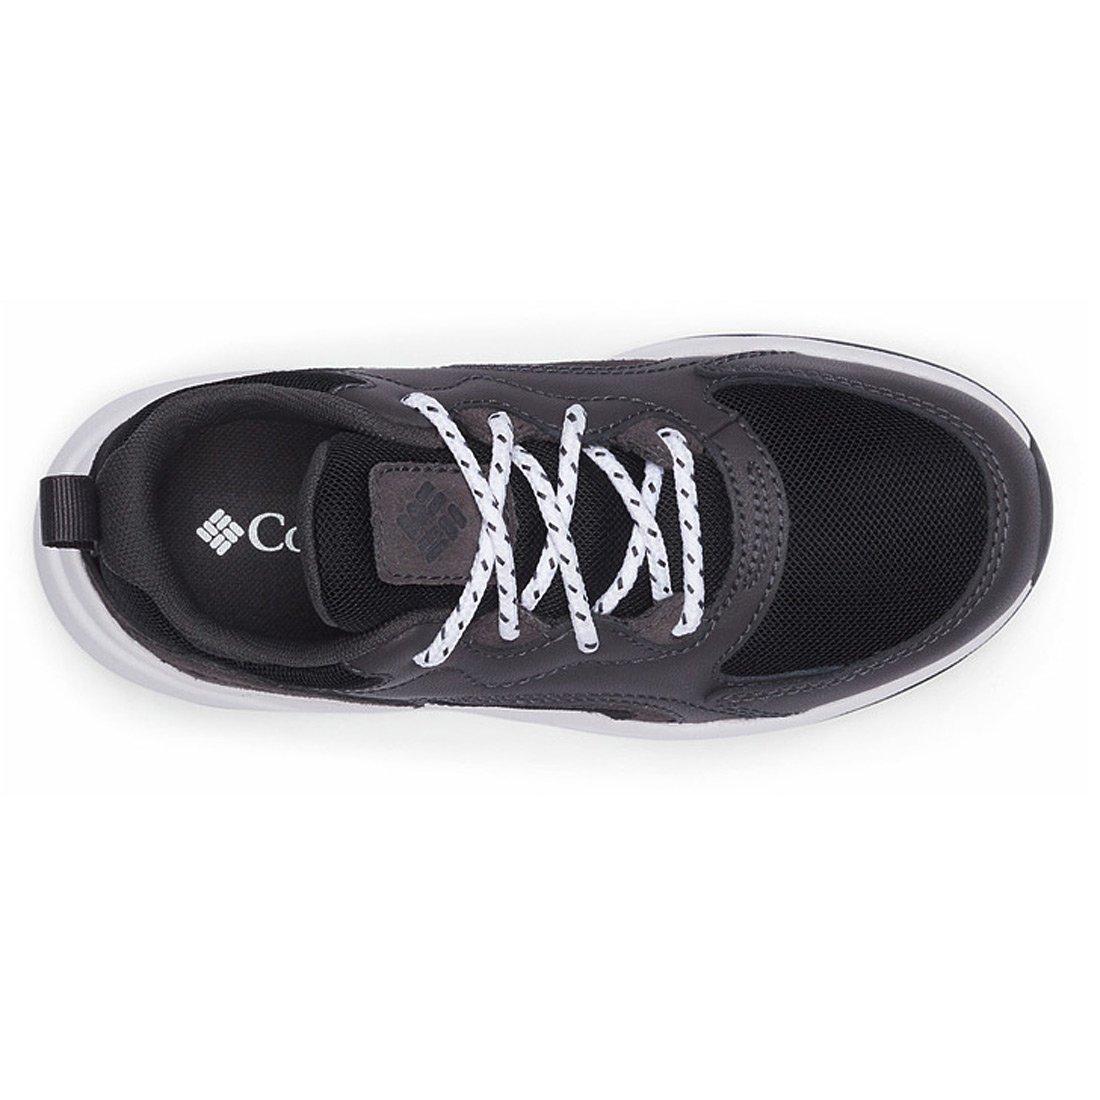 נעלי טיולים לילדים ונוער - Youth Pivot - Columbia